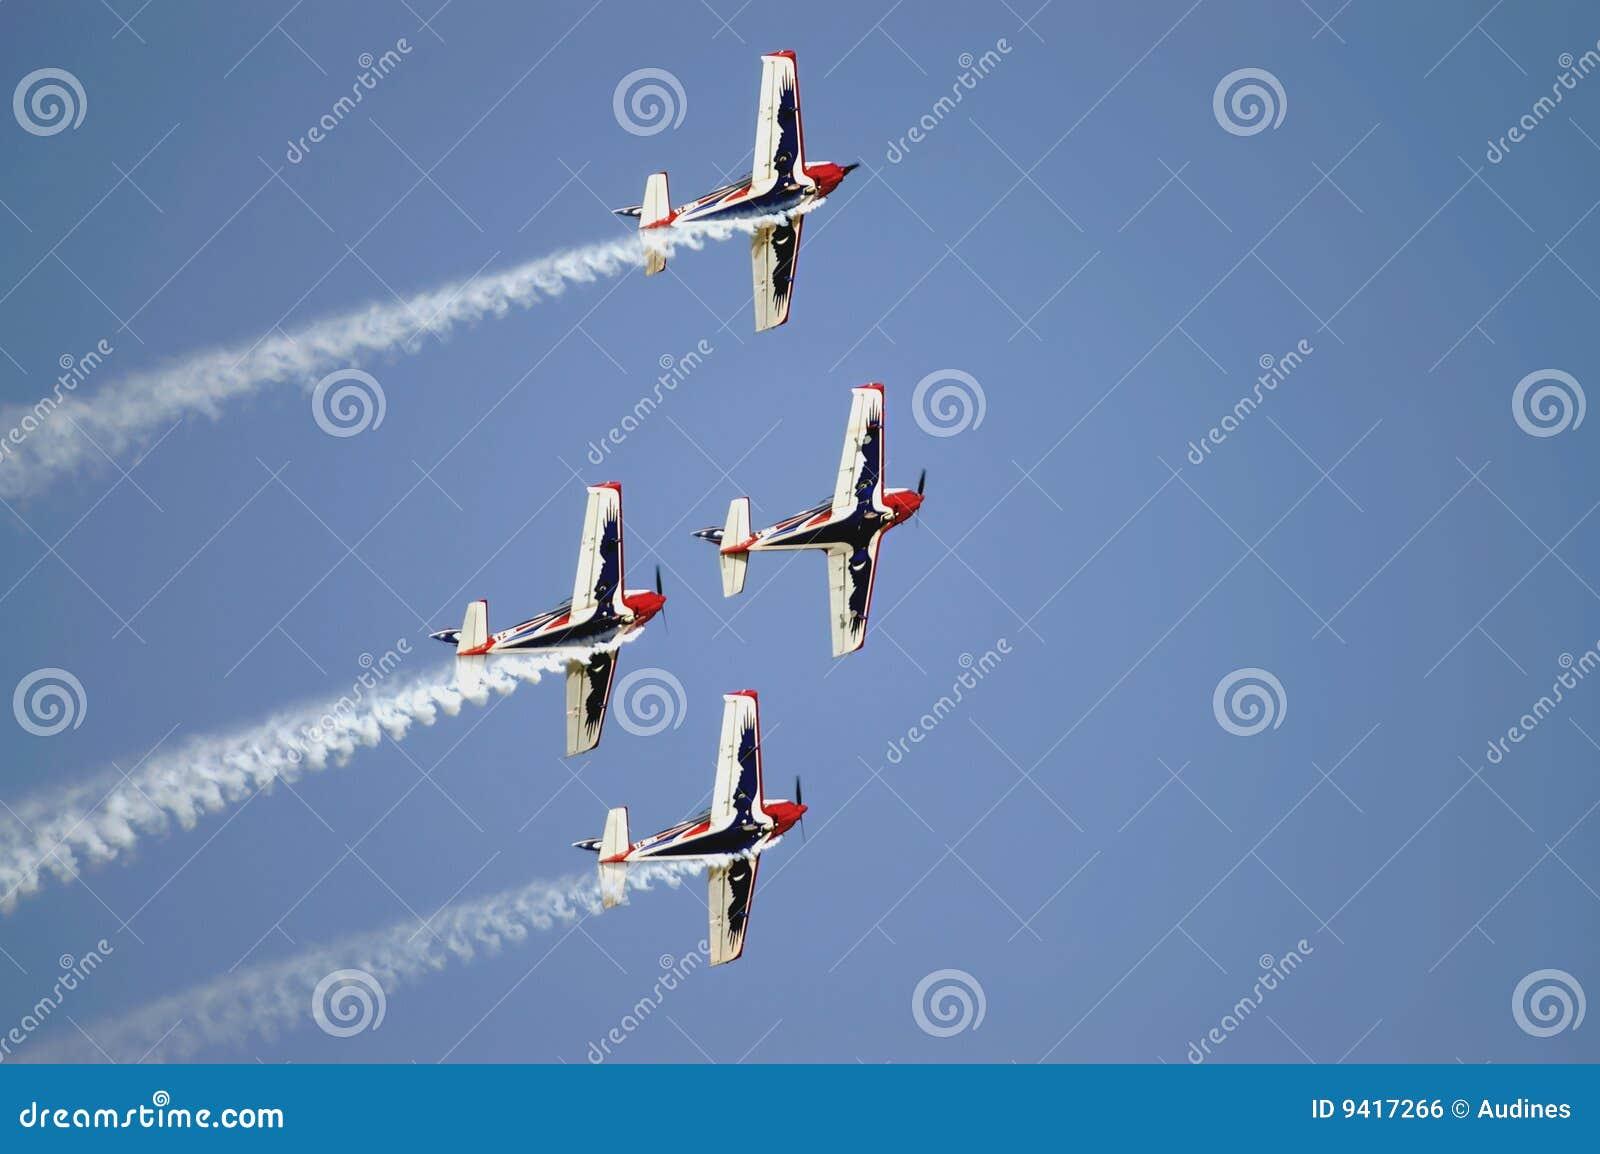 Planes teams